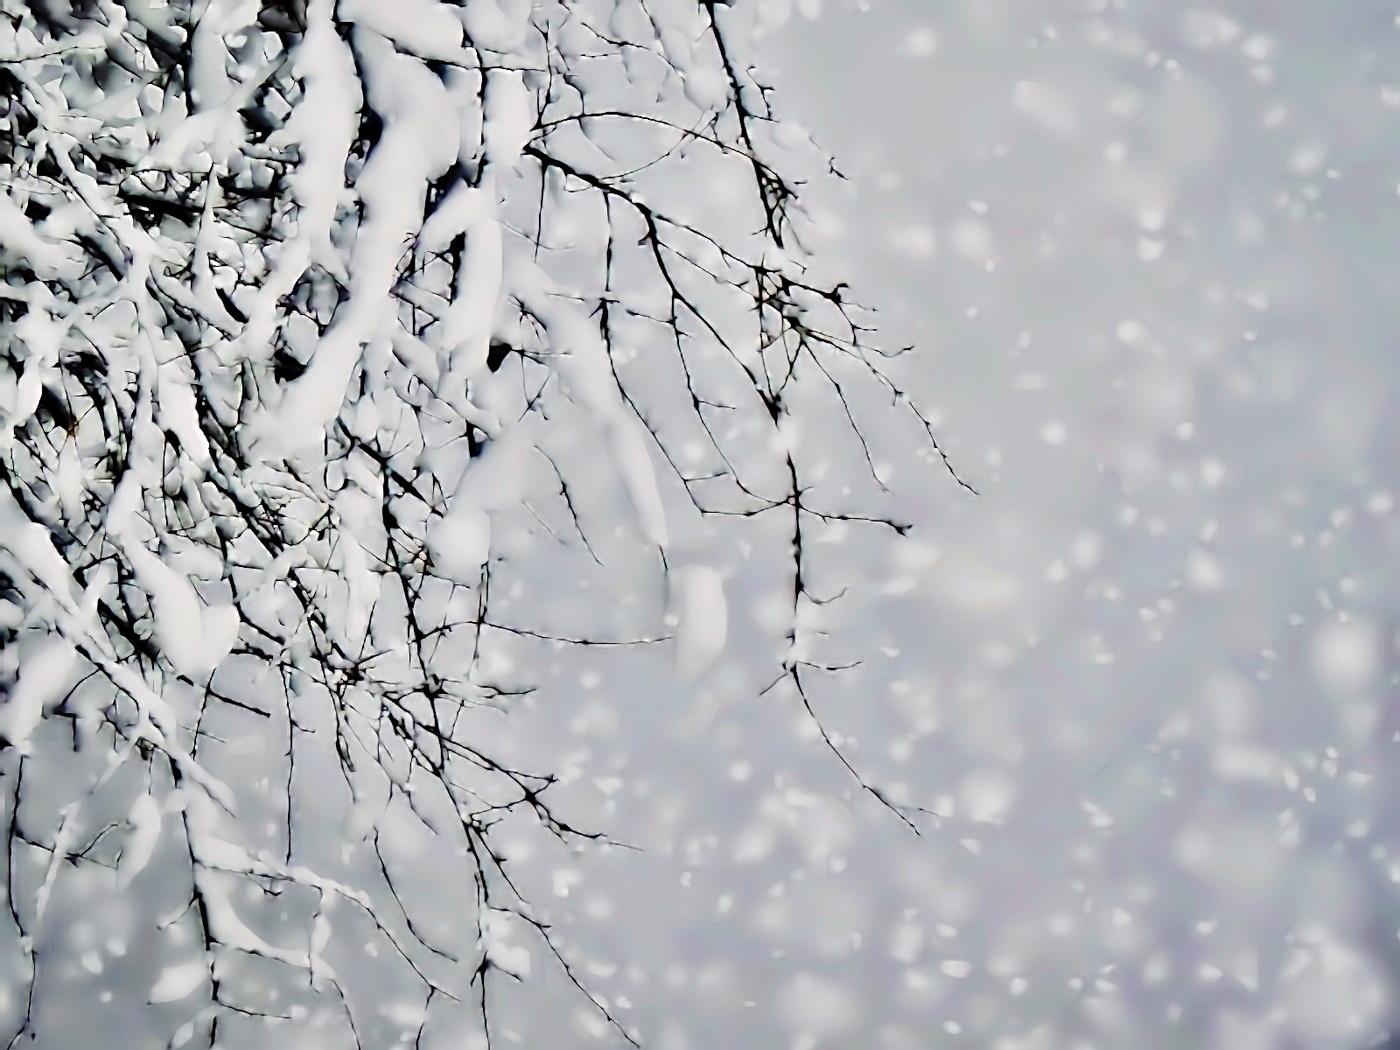 конструкции картинки летящий снег нередко